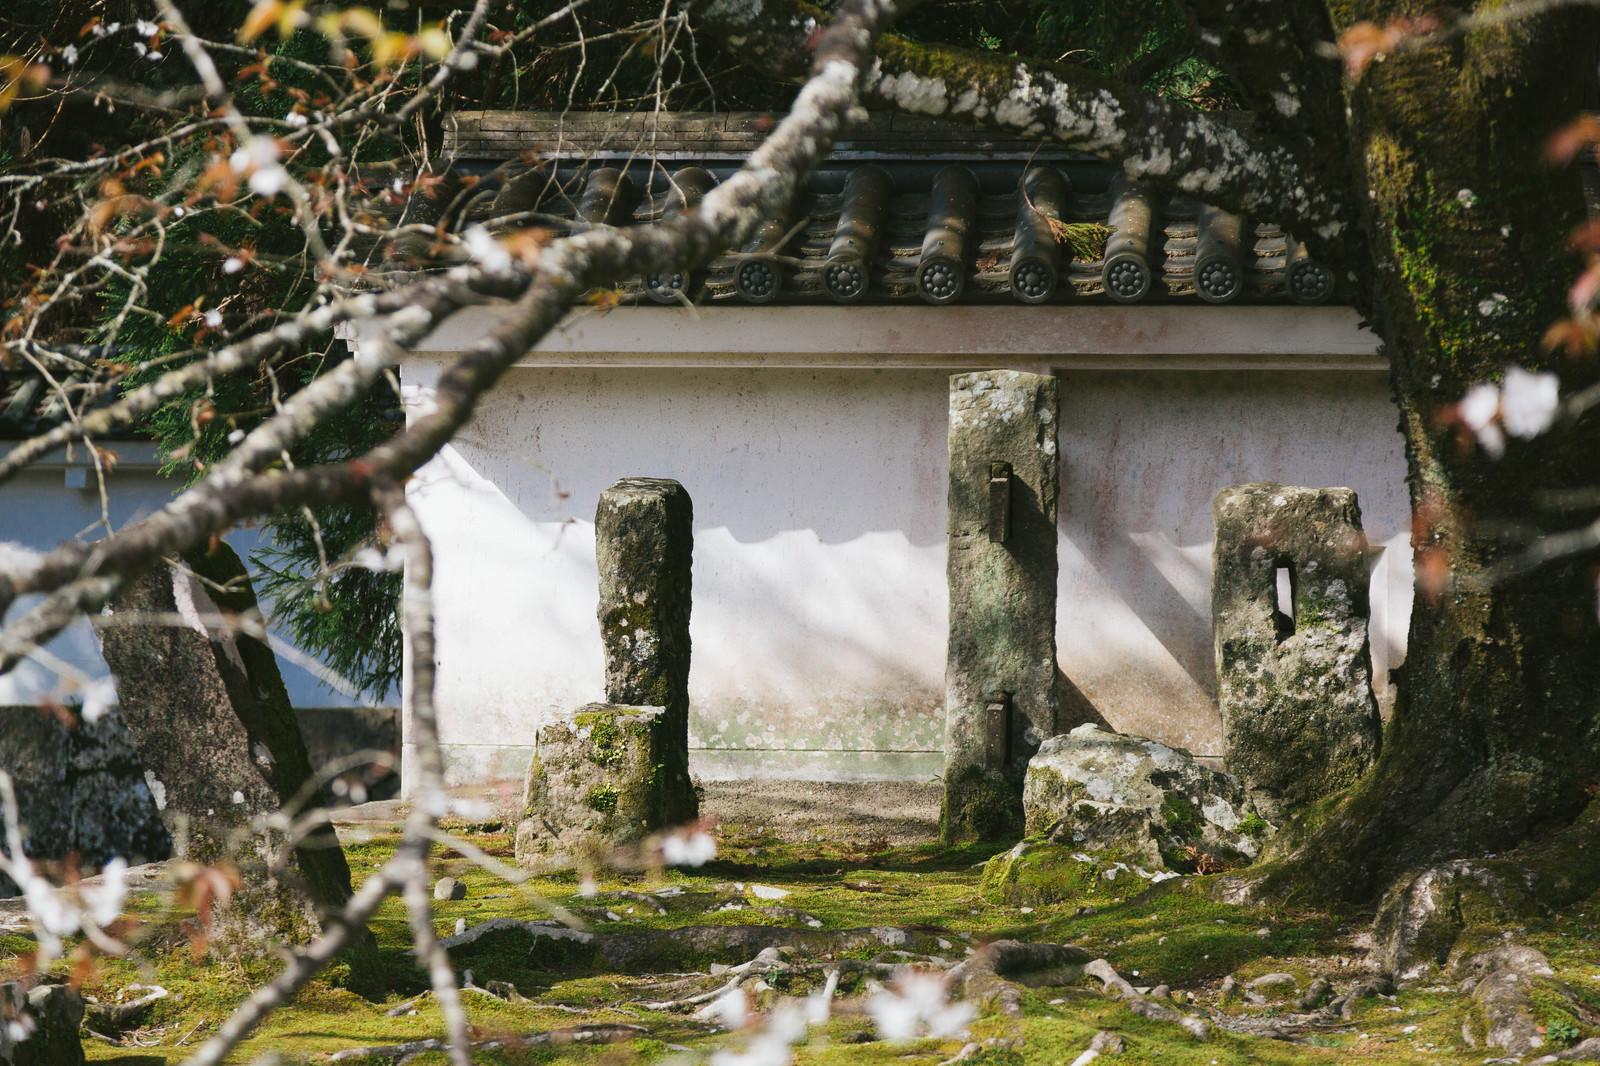 「飫肥城の塀を支える石柱」の写真